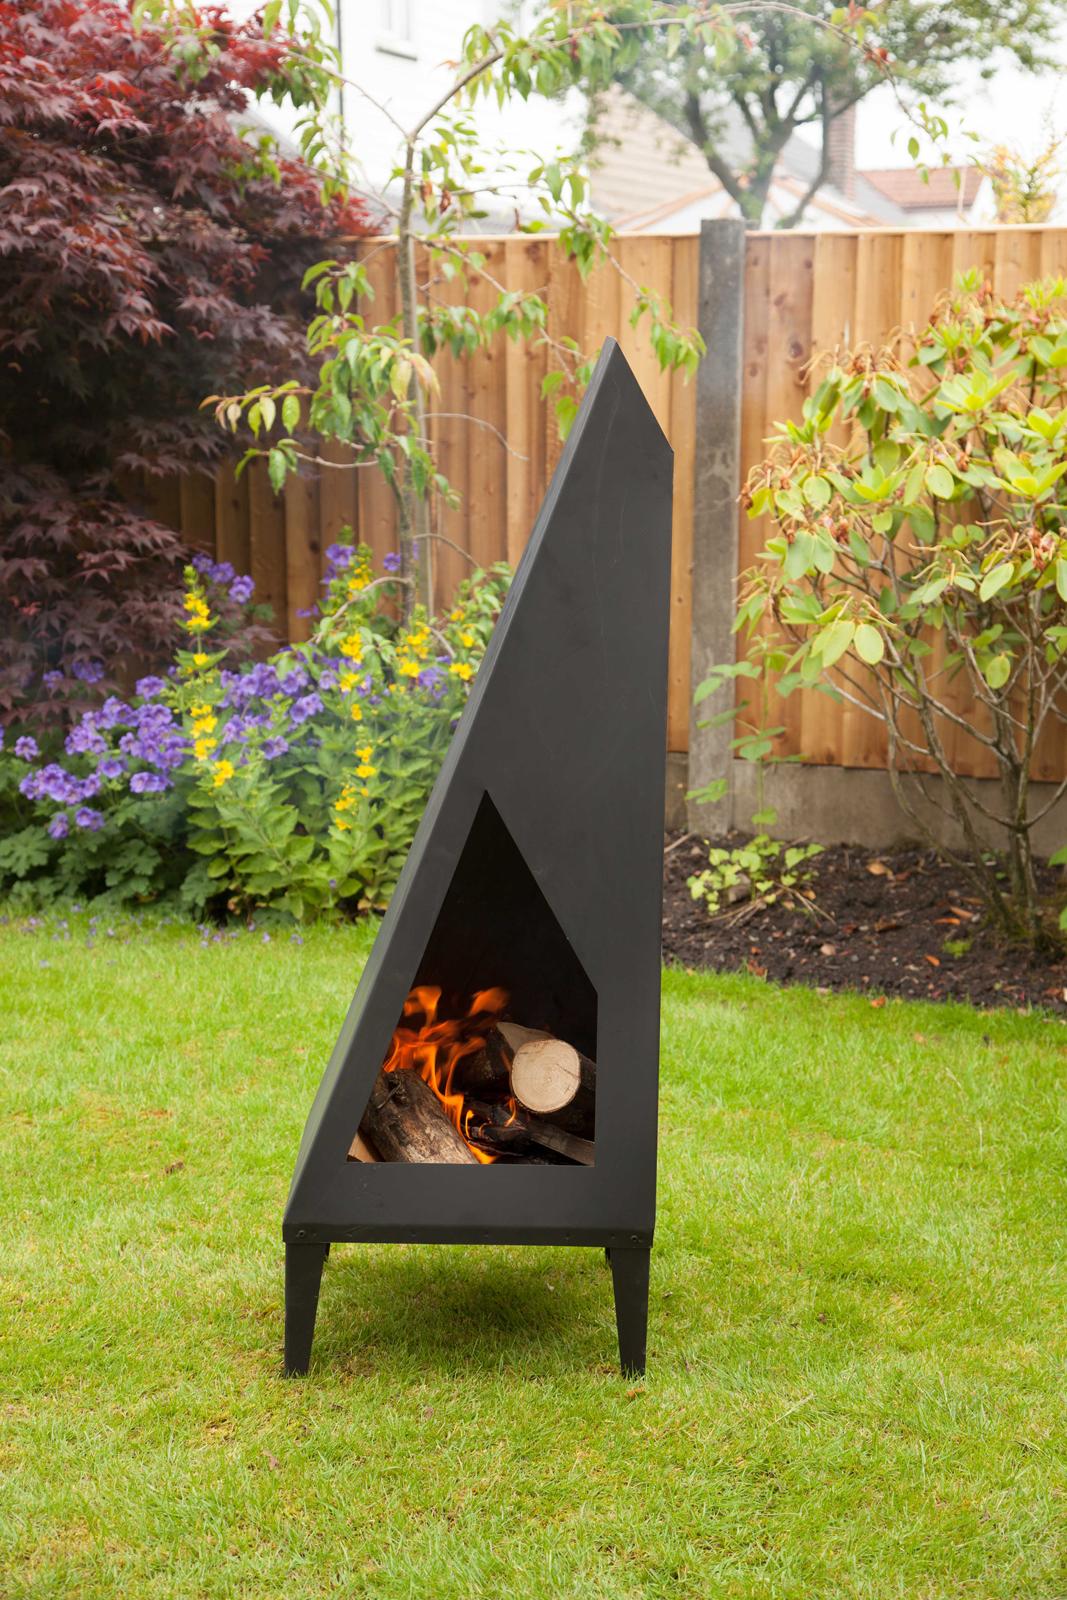 made o' metal steel modern art garden patio chimenea chimney  - made o' metal steel modern art garden patio chiminea chimney burner mheater